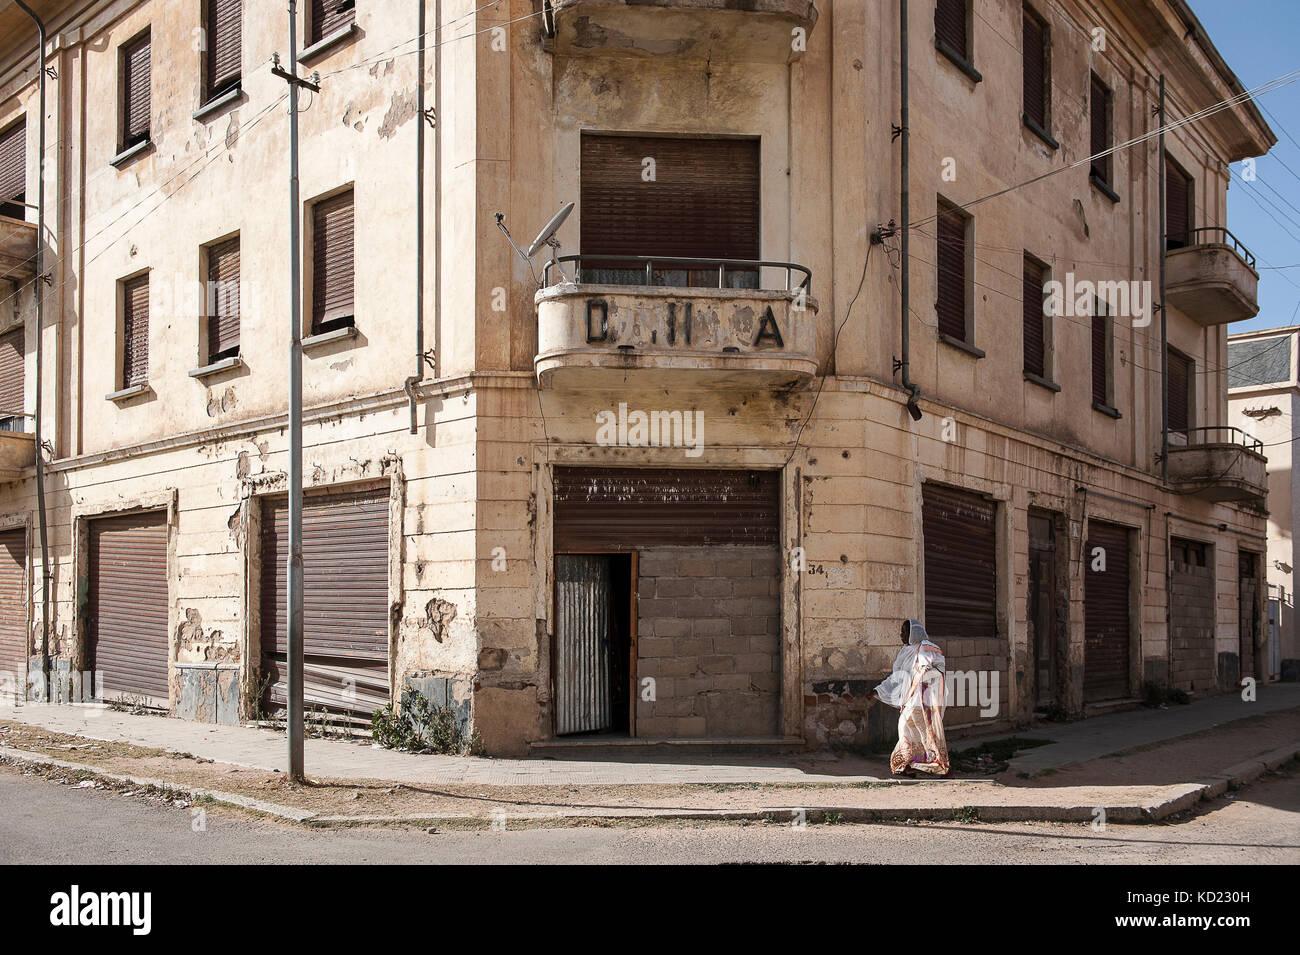 Scene de vie dans une rue de quotidenne Decemhare, Ville preferee des Italiens sous la Kolonisation, appellee aussi Stockbild